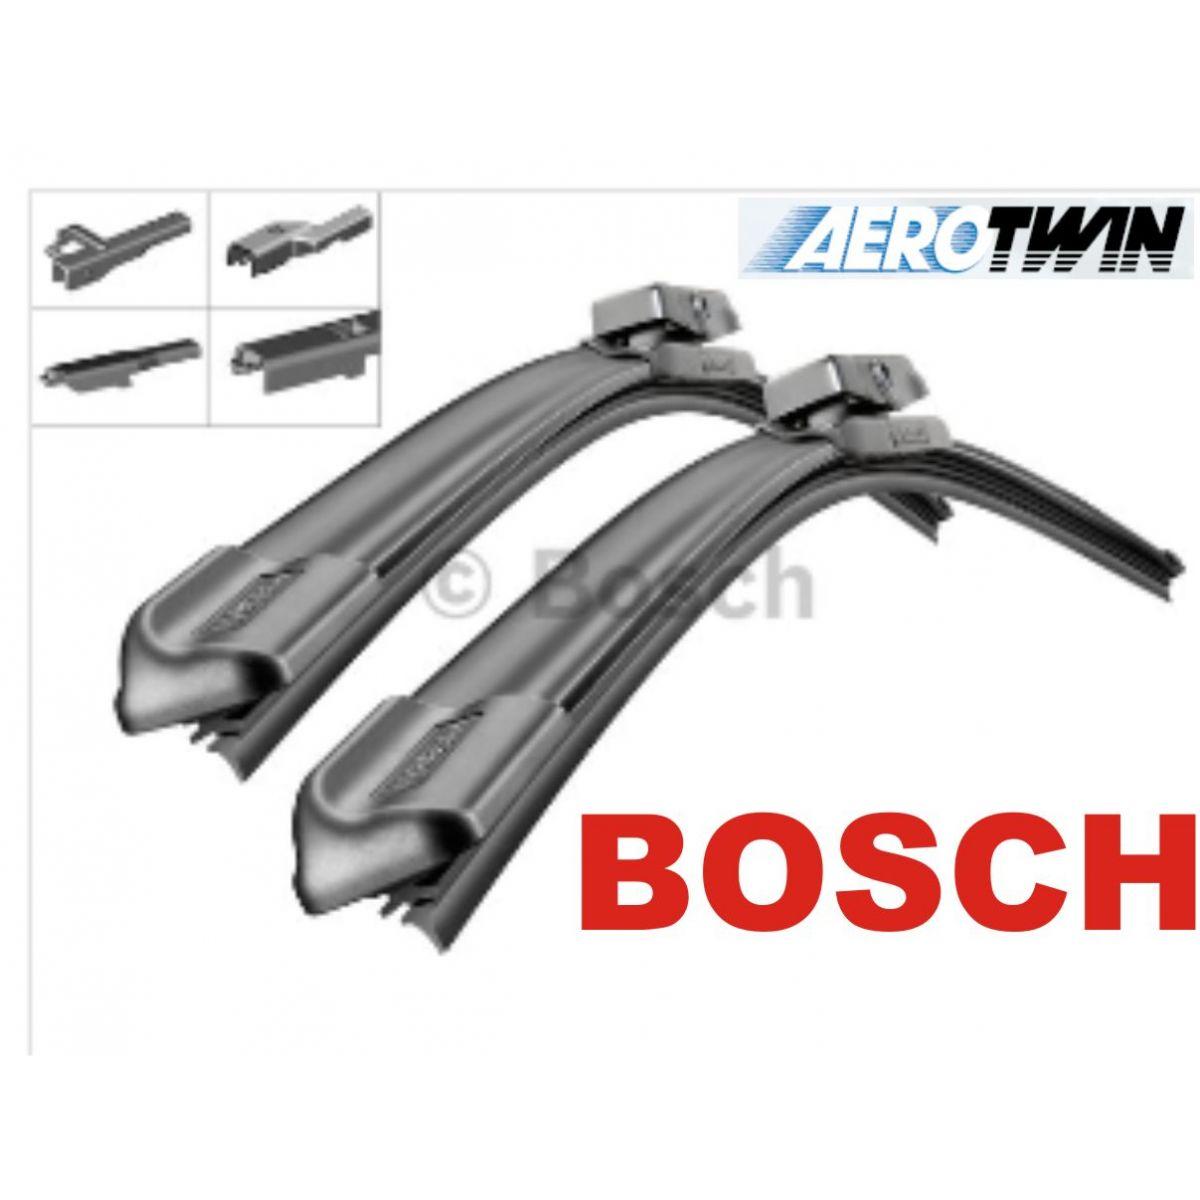 Palheta Bosch Aerotwin Plus Limpador de para brisa Bosch M3 [F80] 2014 em diante